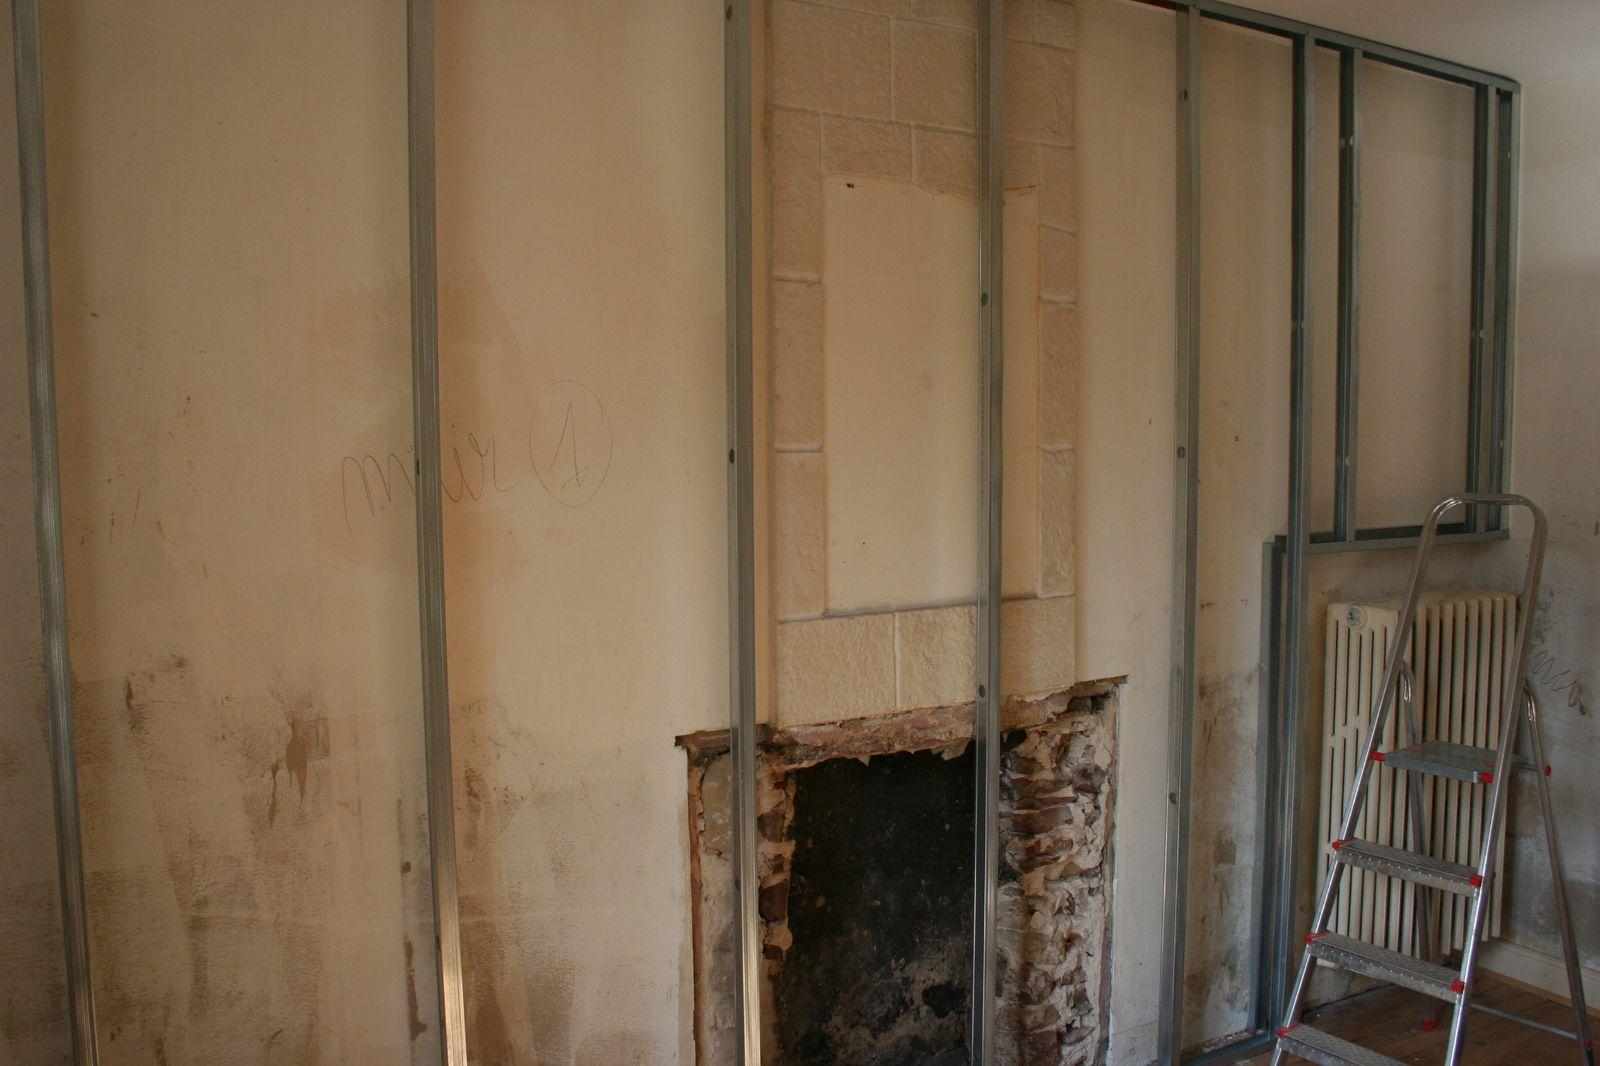 Aide rnovation maison aide des faades la ville veut for Aide renovation maison ancienne